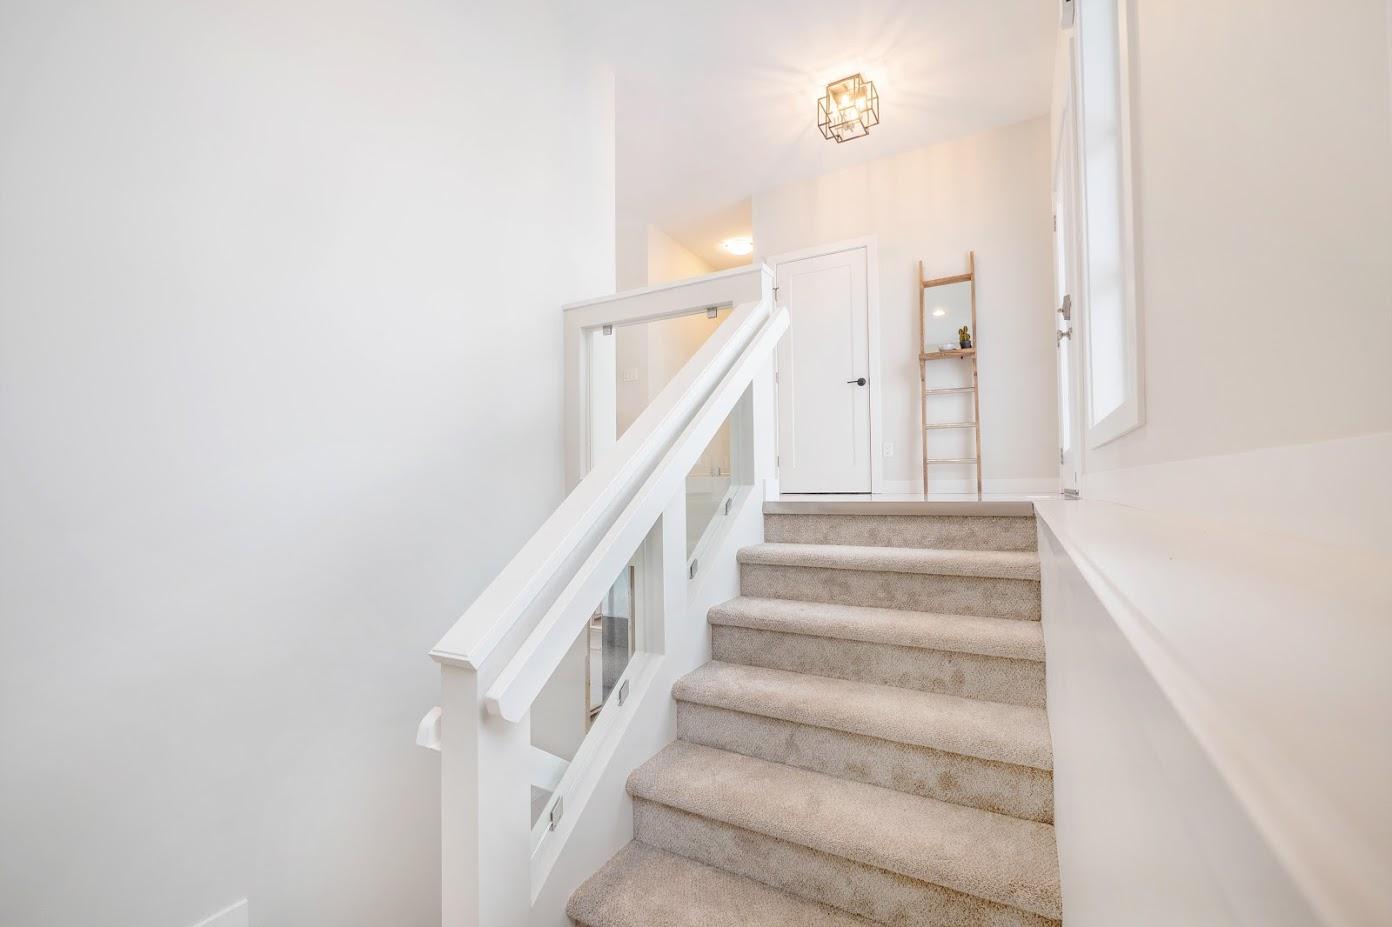 167 Philip Lee Stairs.jpg